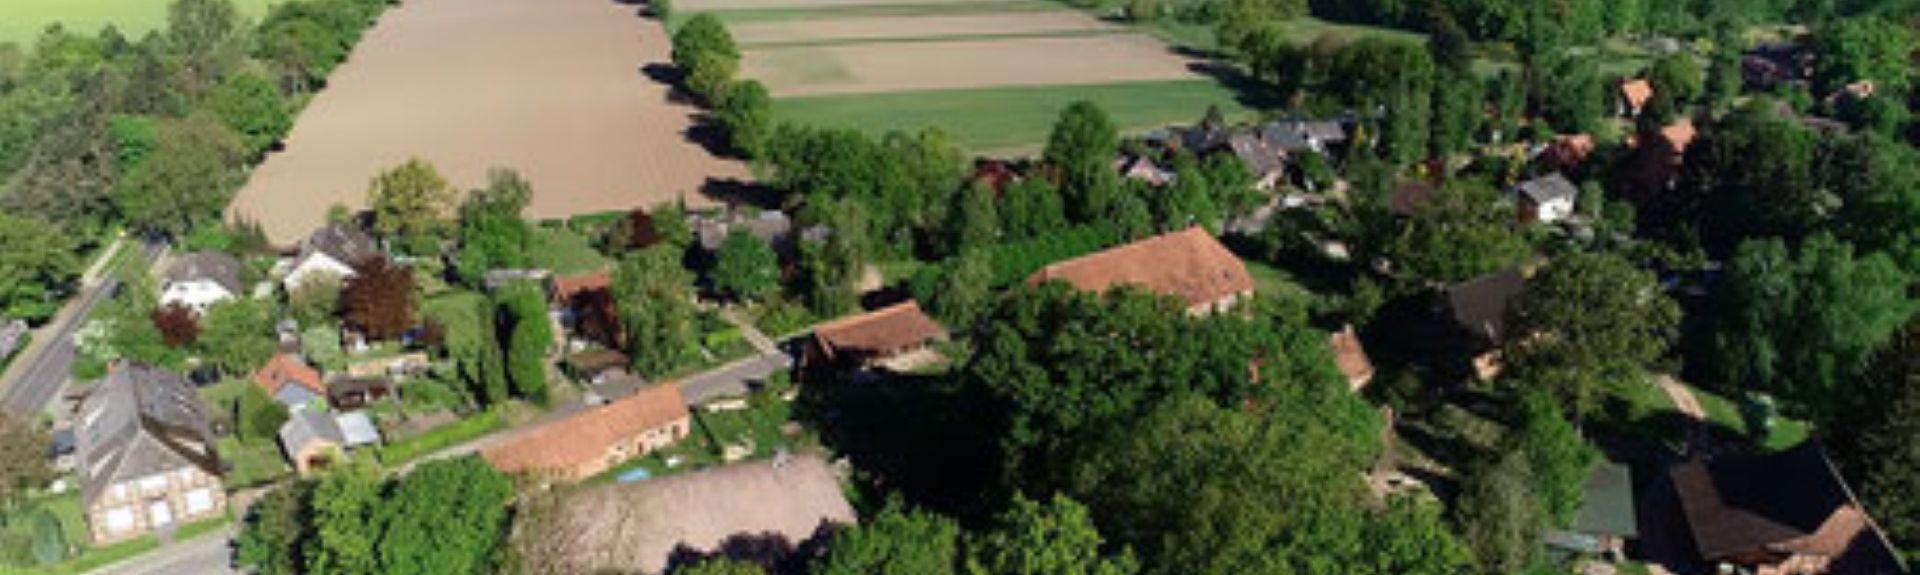 Adendorf, Lower Saxony, Germany